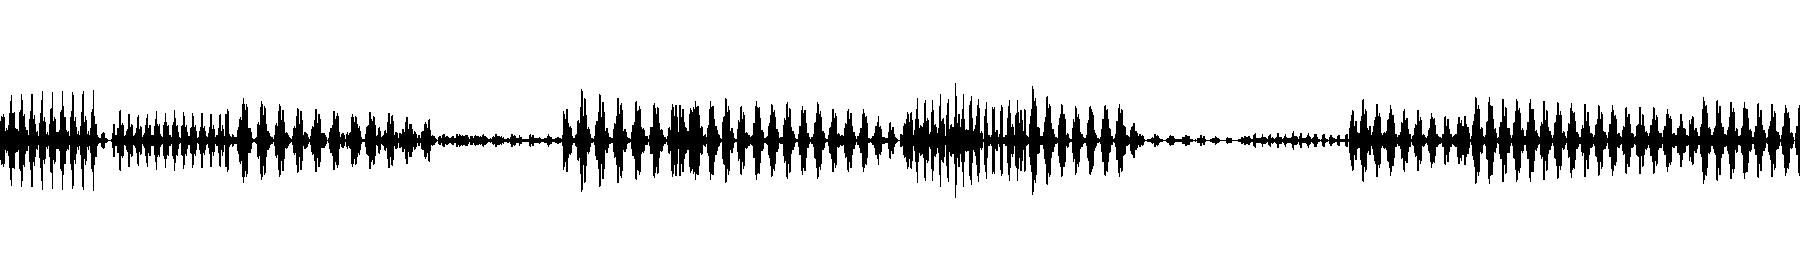 Fhp live 20bass7 120 g